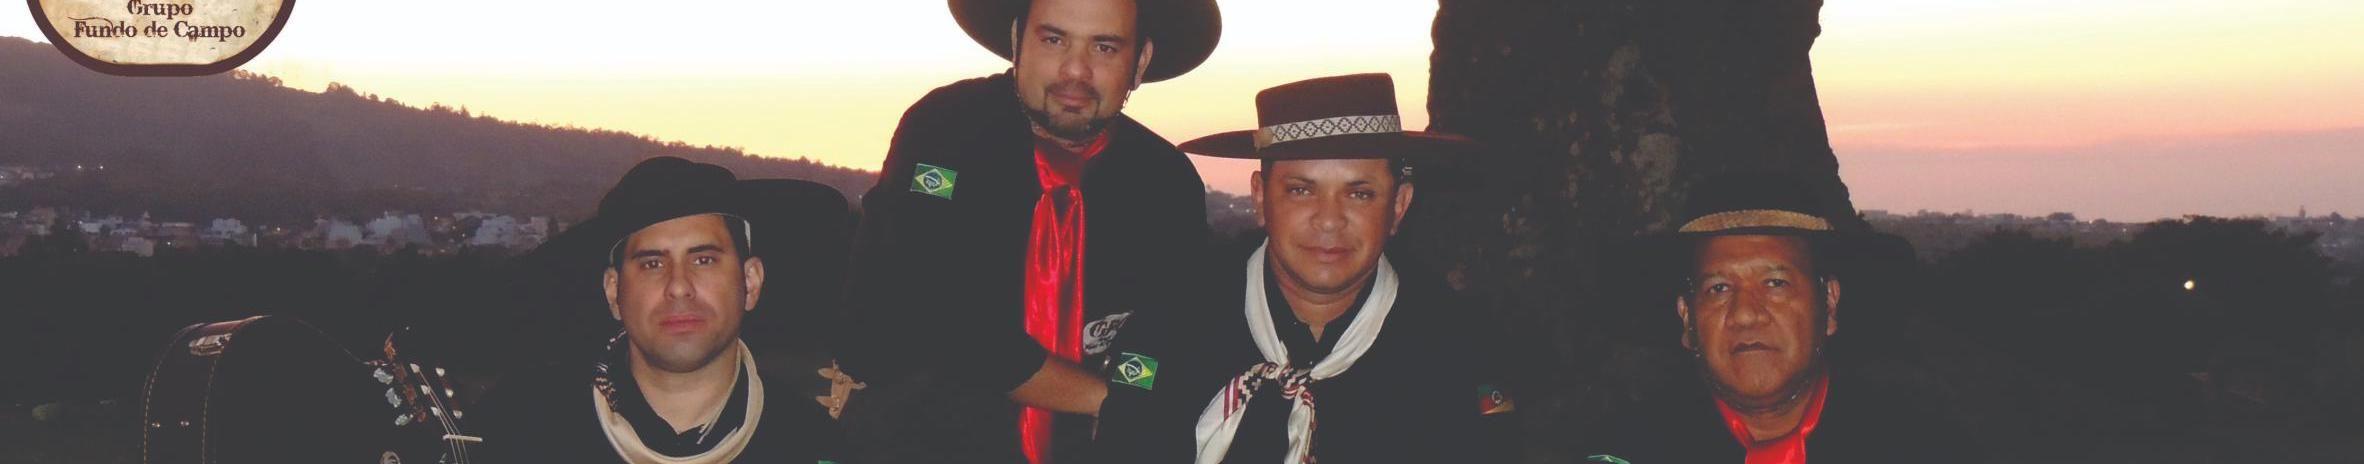 Imagem de capa de Grupo Fundo de Campo